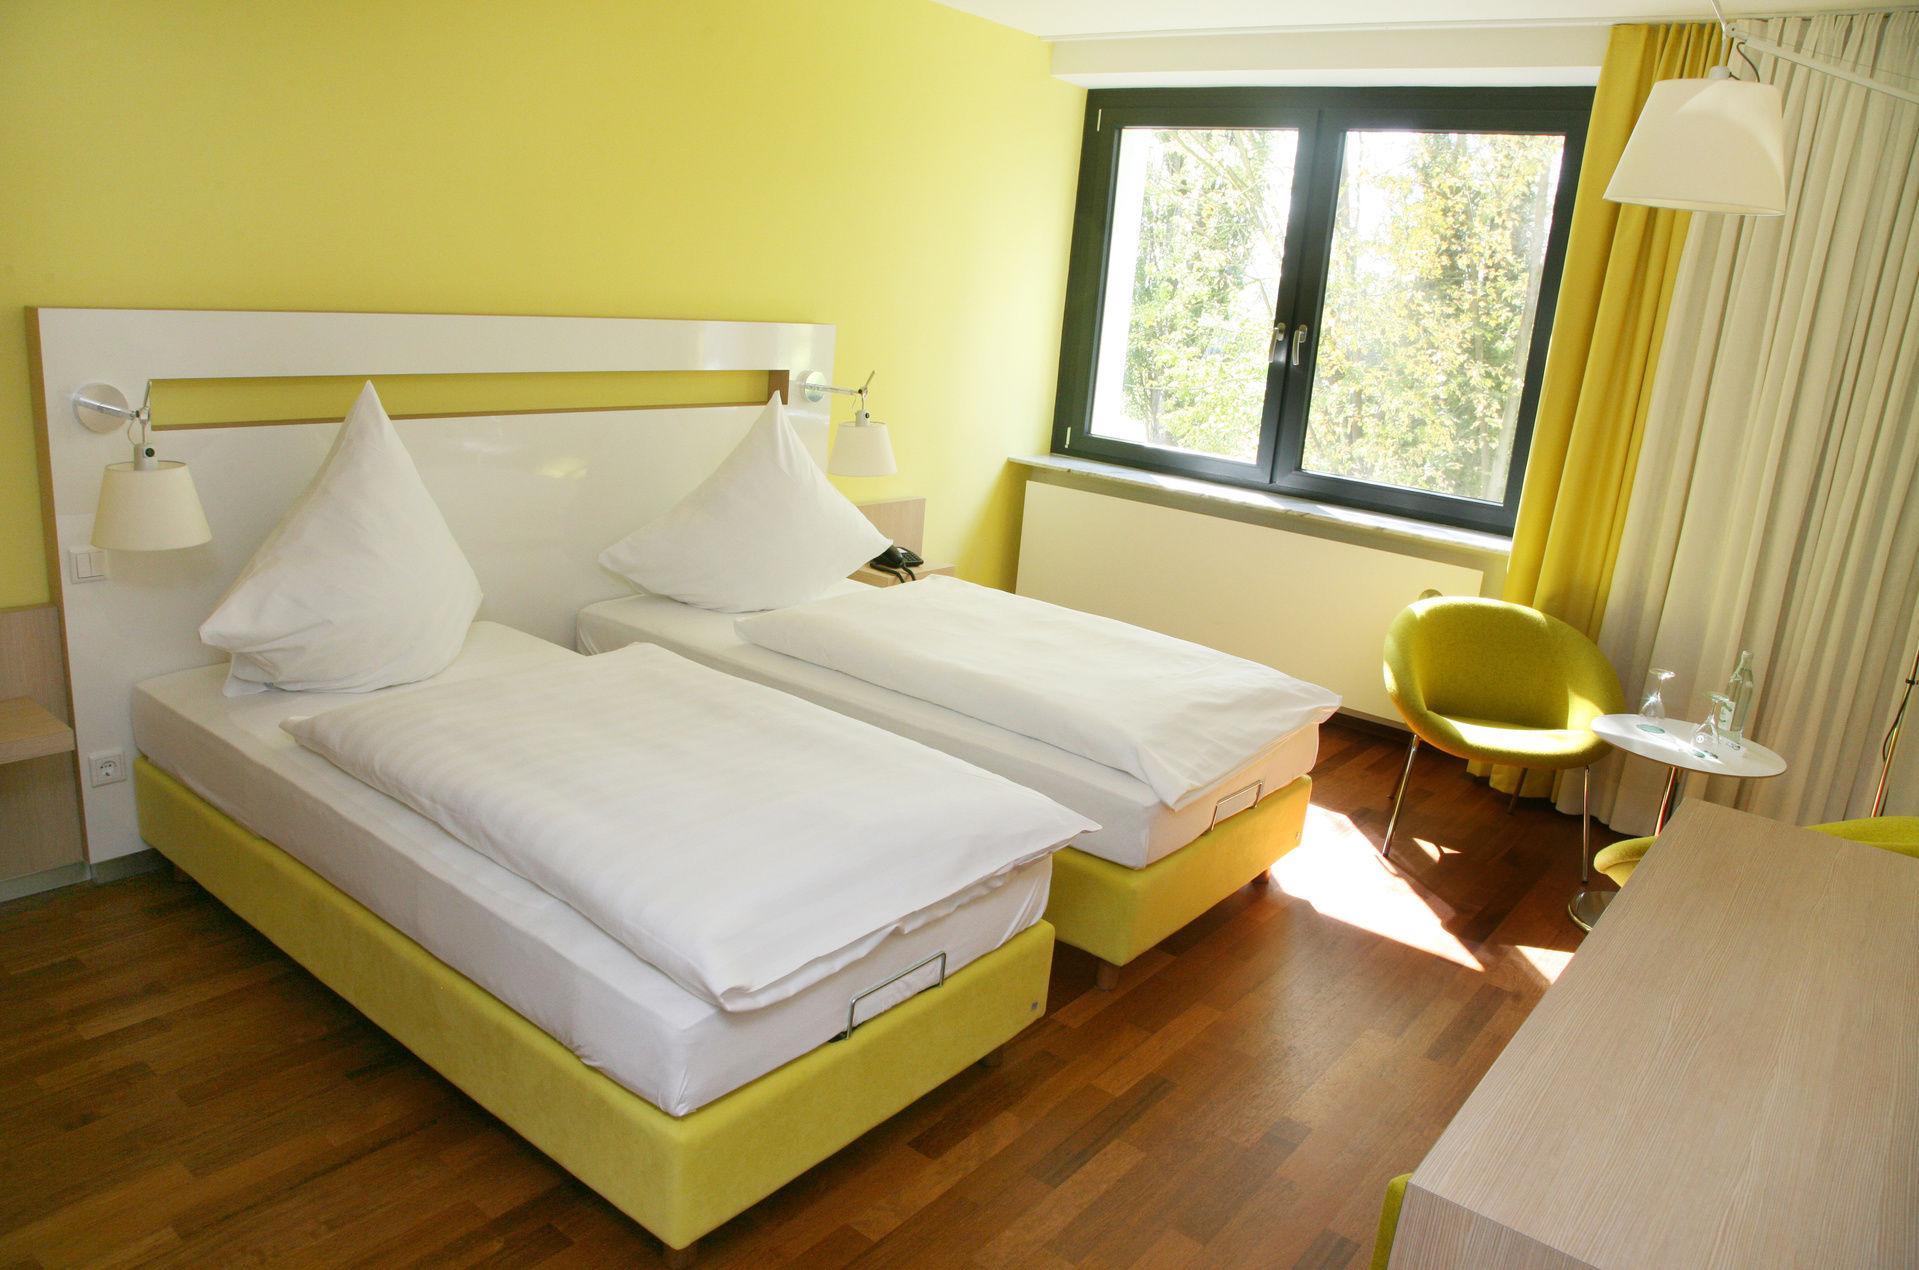 herzlich willkommen hotel ullrich elfershausen 4 sterne hotel bad kissingen rh n fr nkisches. Black Bedroom Furniture Sets. Home Design Ideas